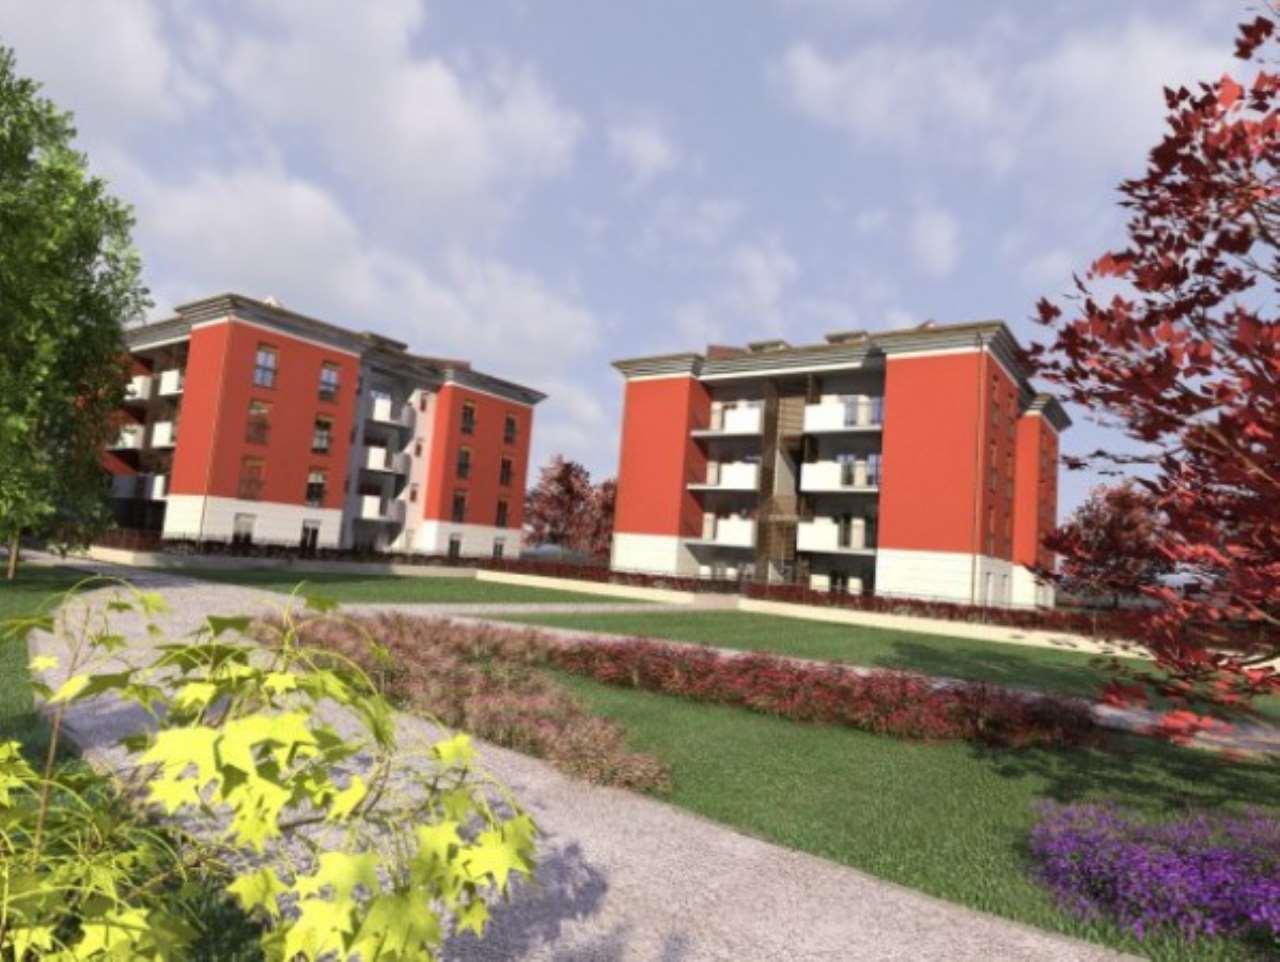 Appartamento in vendita a Sulbiate, 1 locali, prezzo € 63.500 | CambioCasa.it